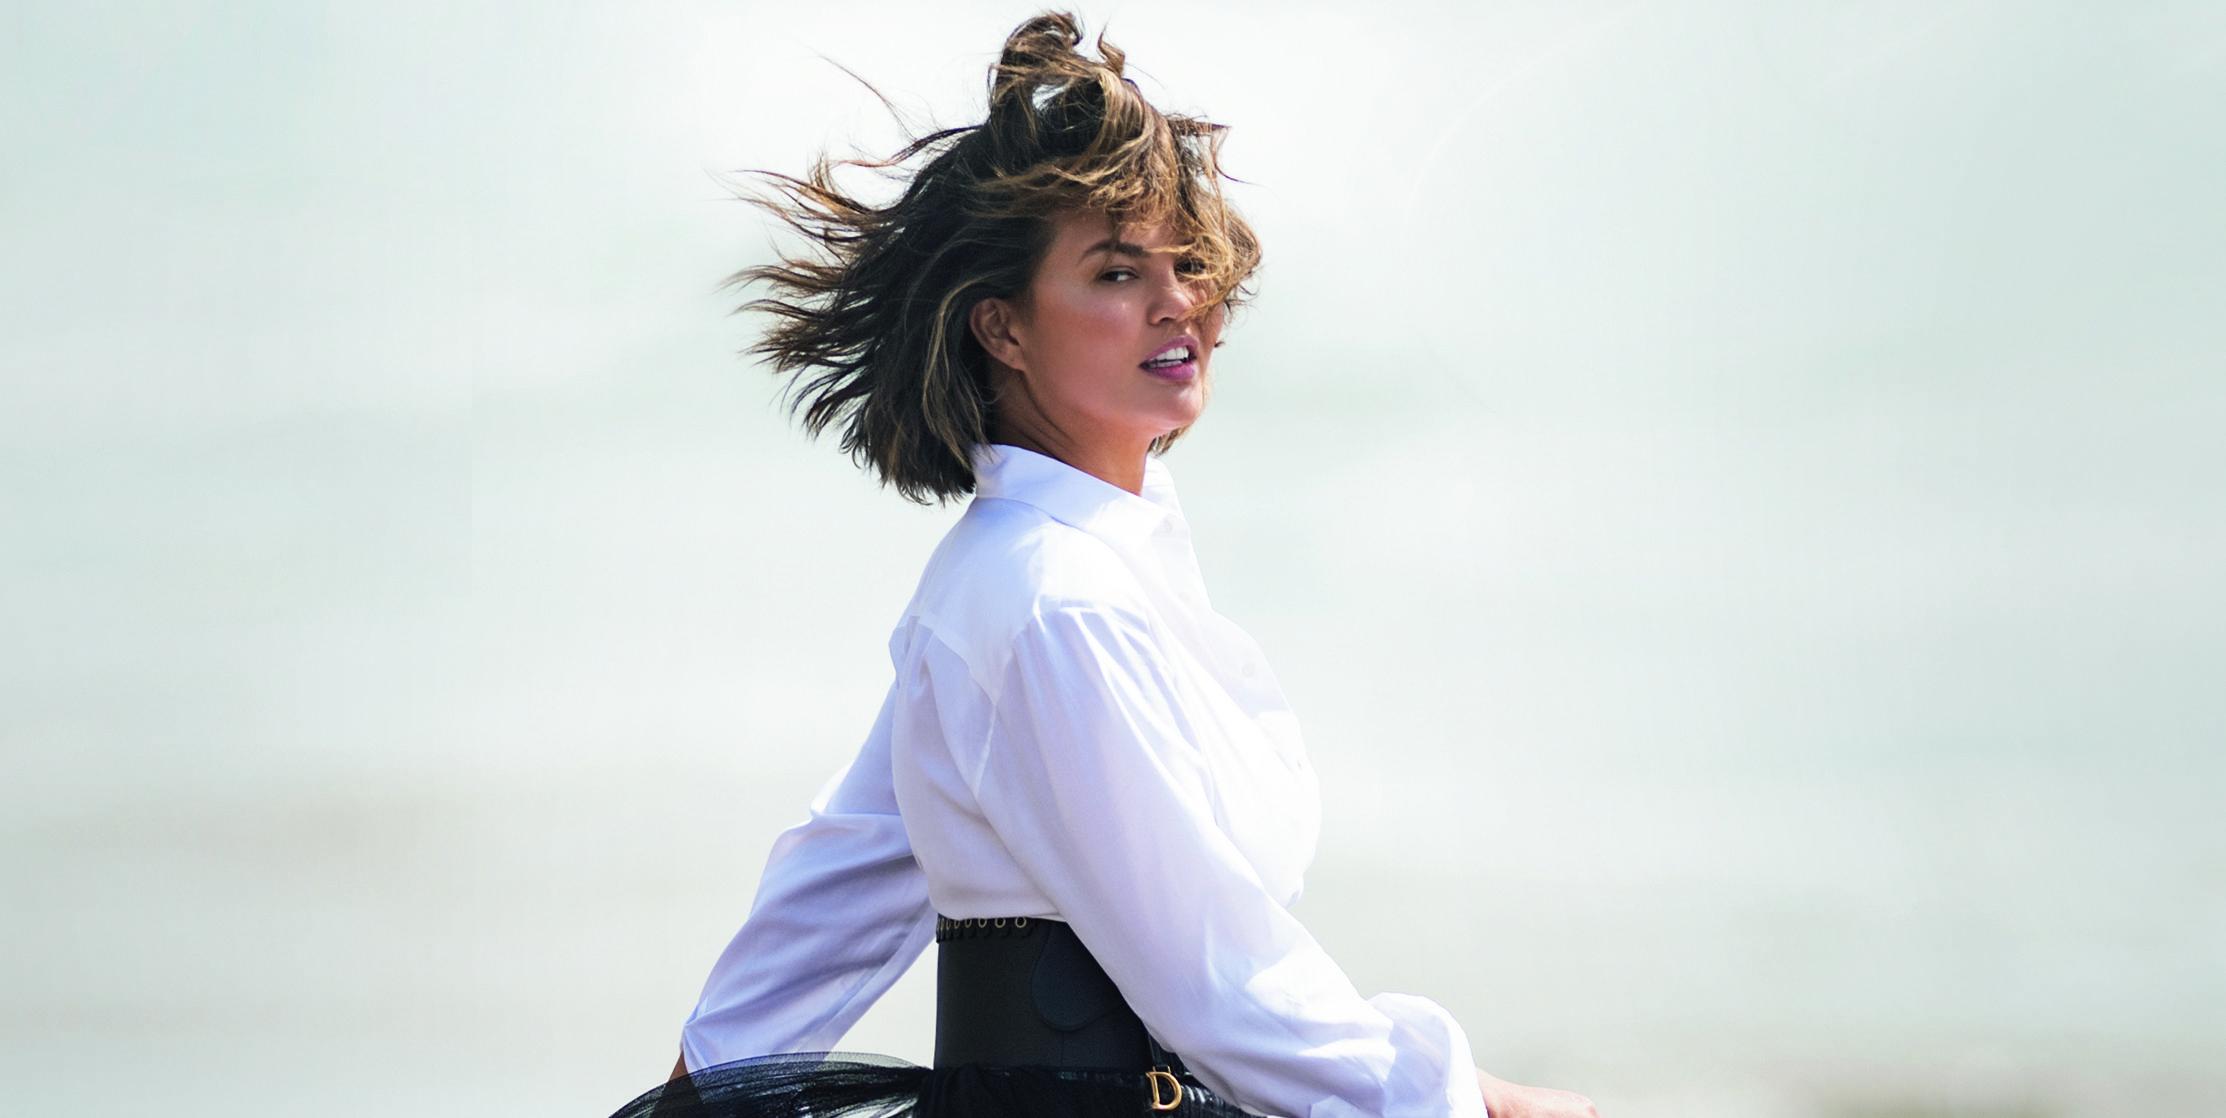 Chrissy Teigen is ELLE UK's January cover star